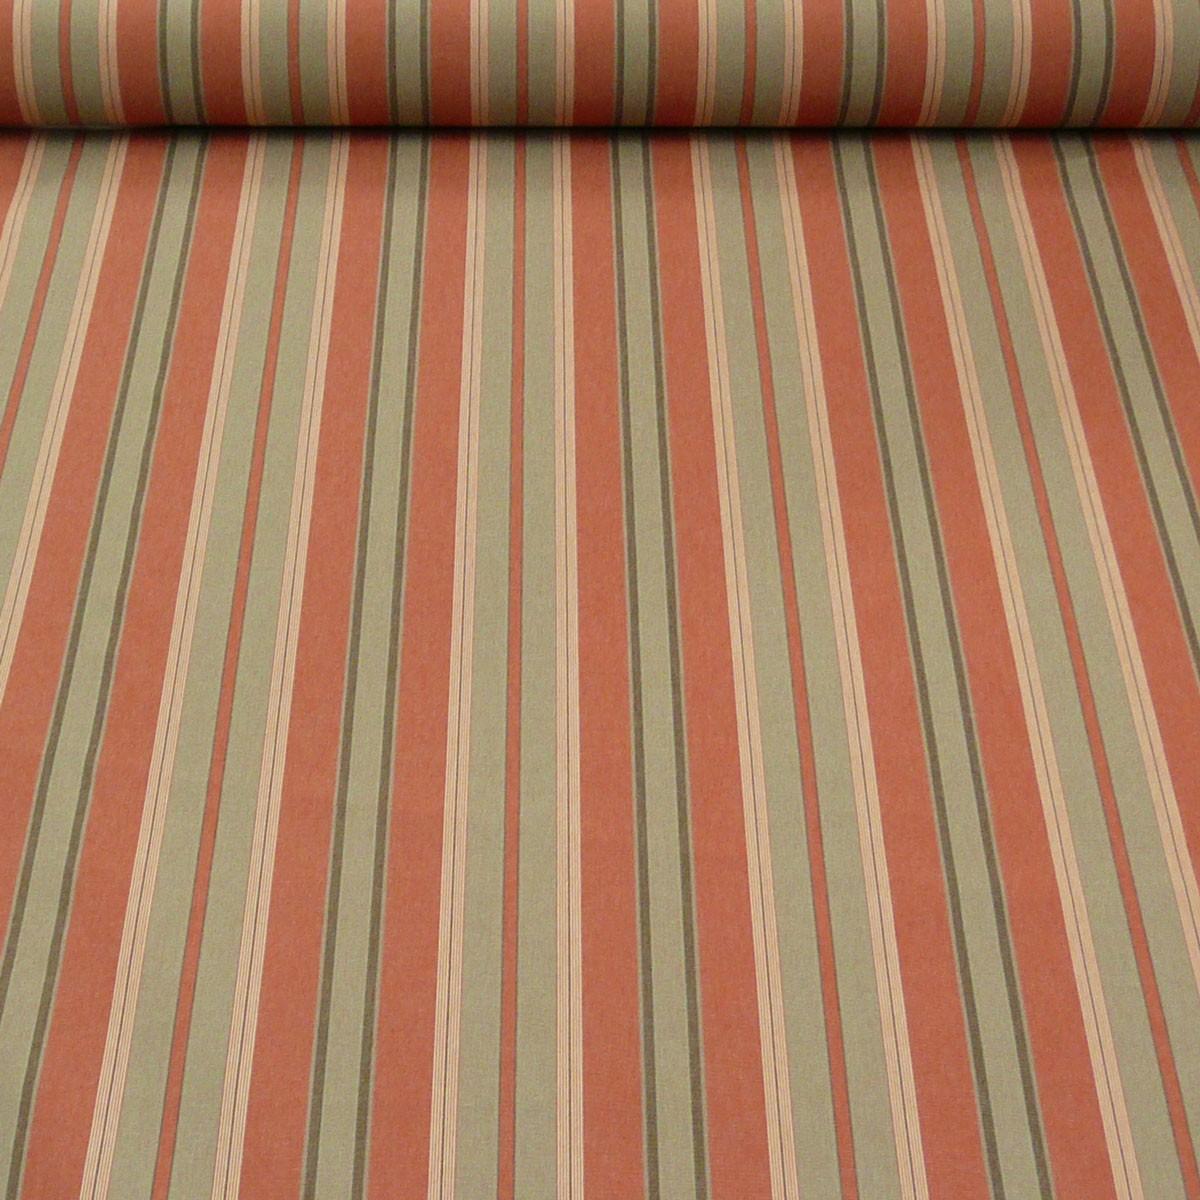 outdoor markisenstoff gartenm belstoff auflagenstoff toldo streifen terrakotta sand stoffe. Black Bedroom Furniture Sets. Home Design Ideas